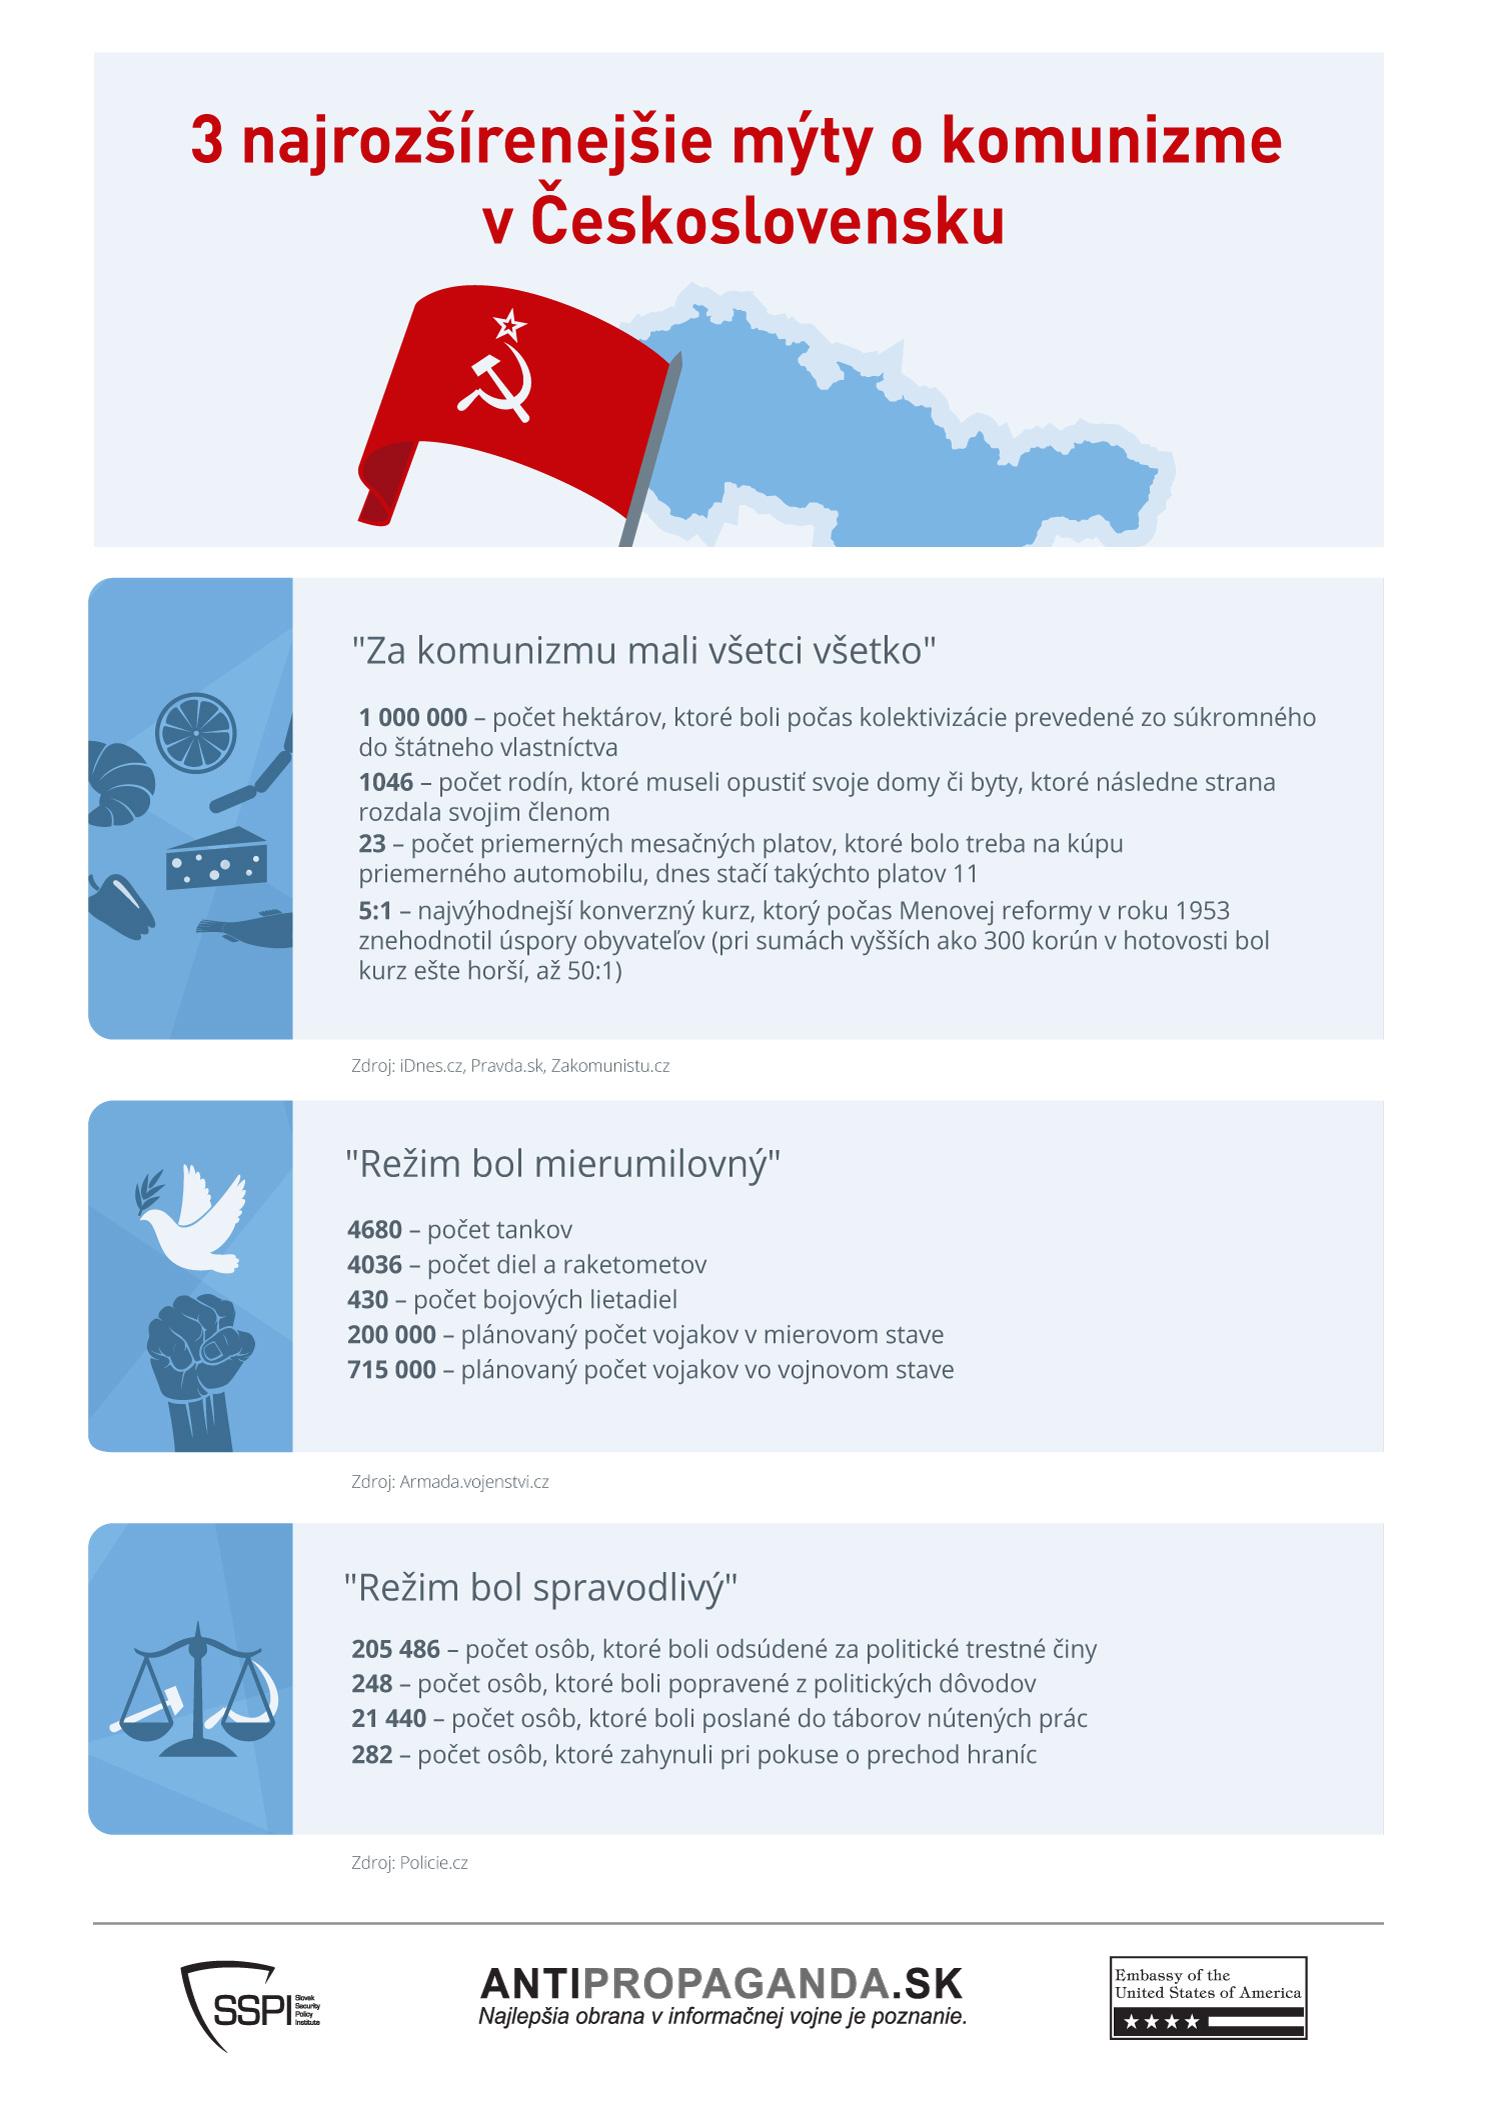 Infografika: 3 najrozšírenejšie mýty o komunizme v Československu